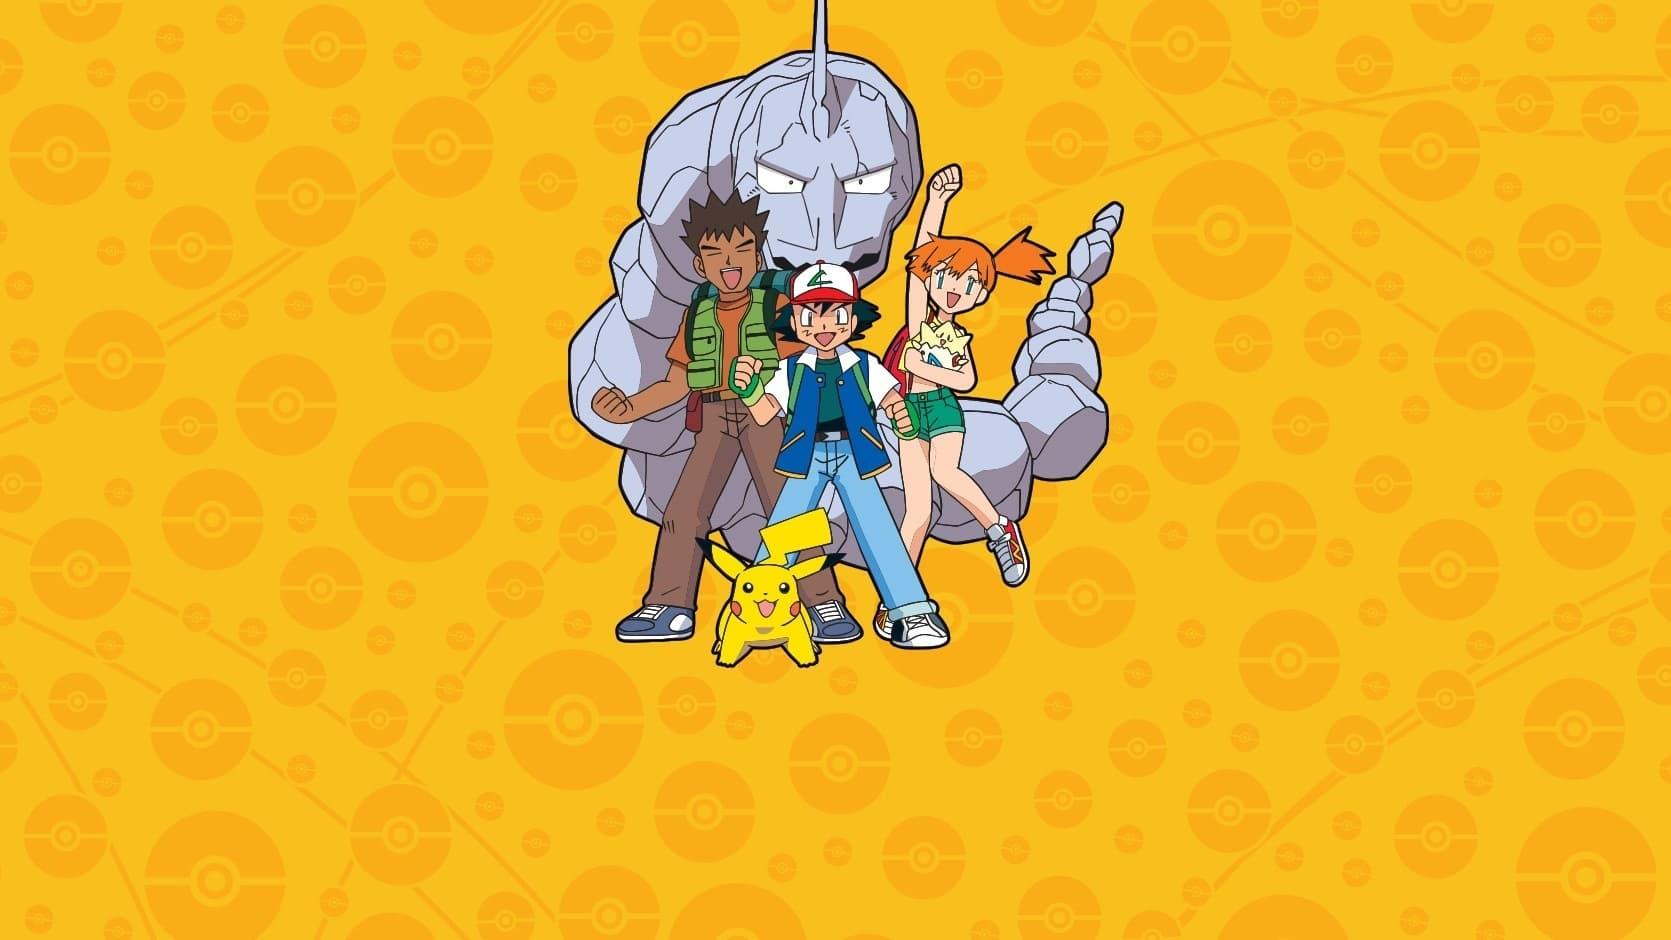 Pokémon - Black & White: Rival Destinies